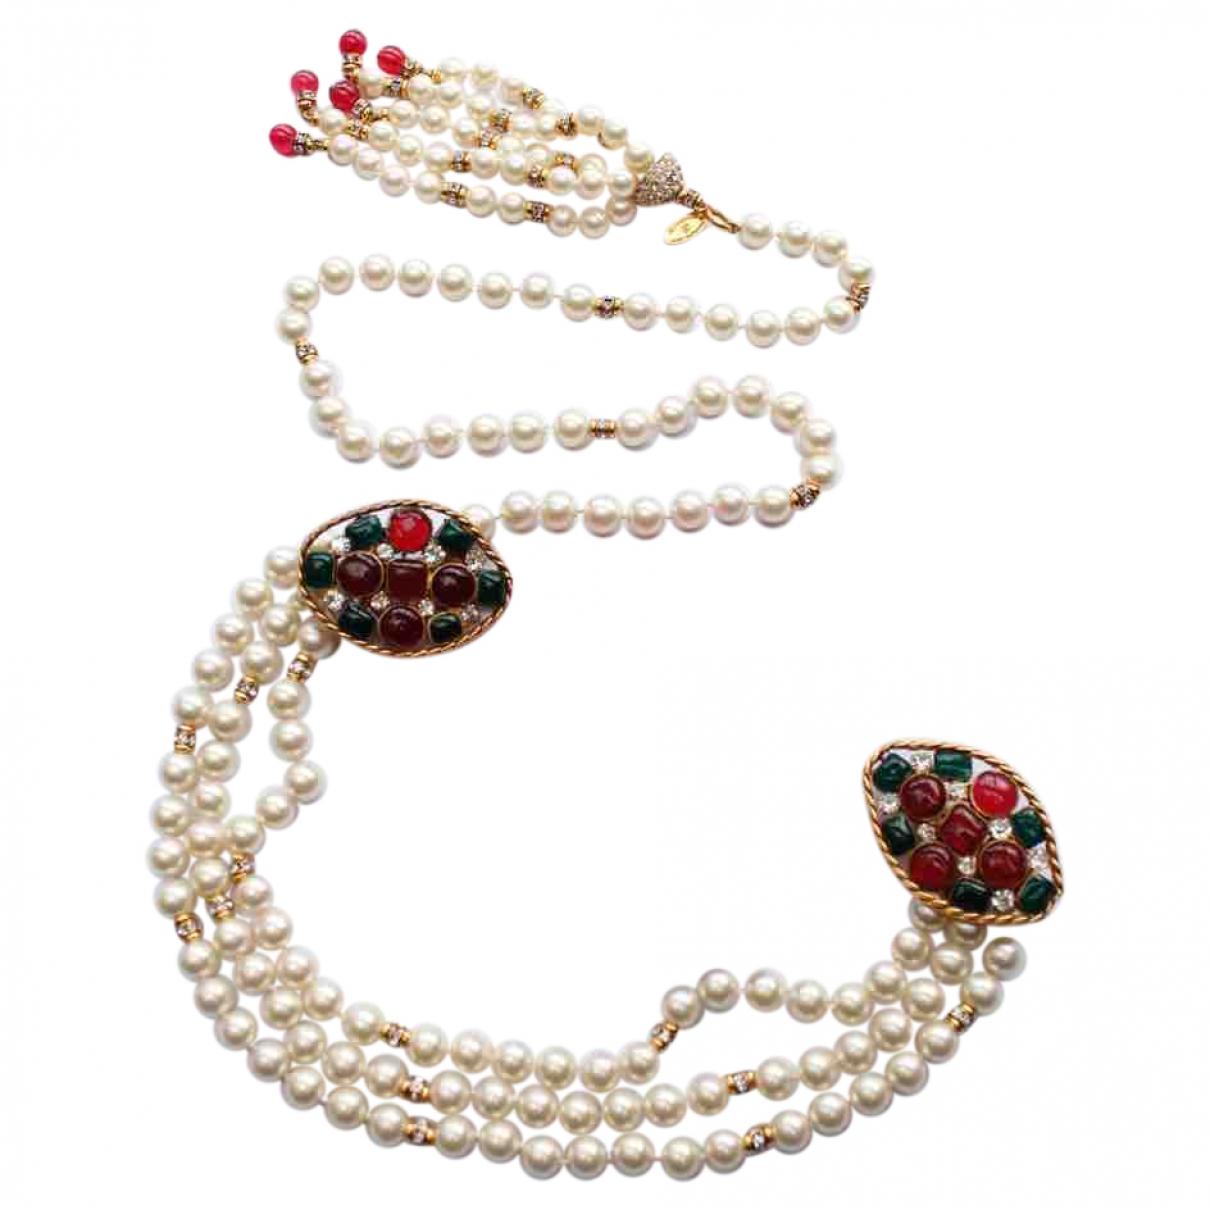 Chanel \N Pearls belt for Women 85 cm